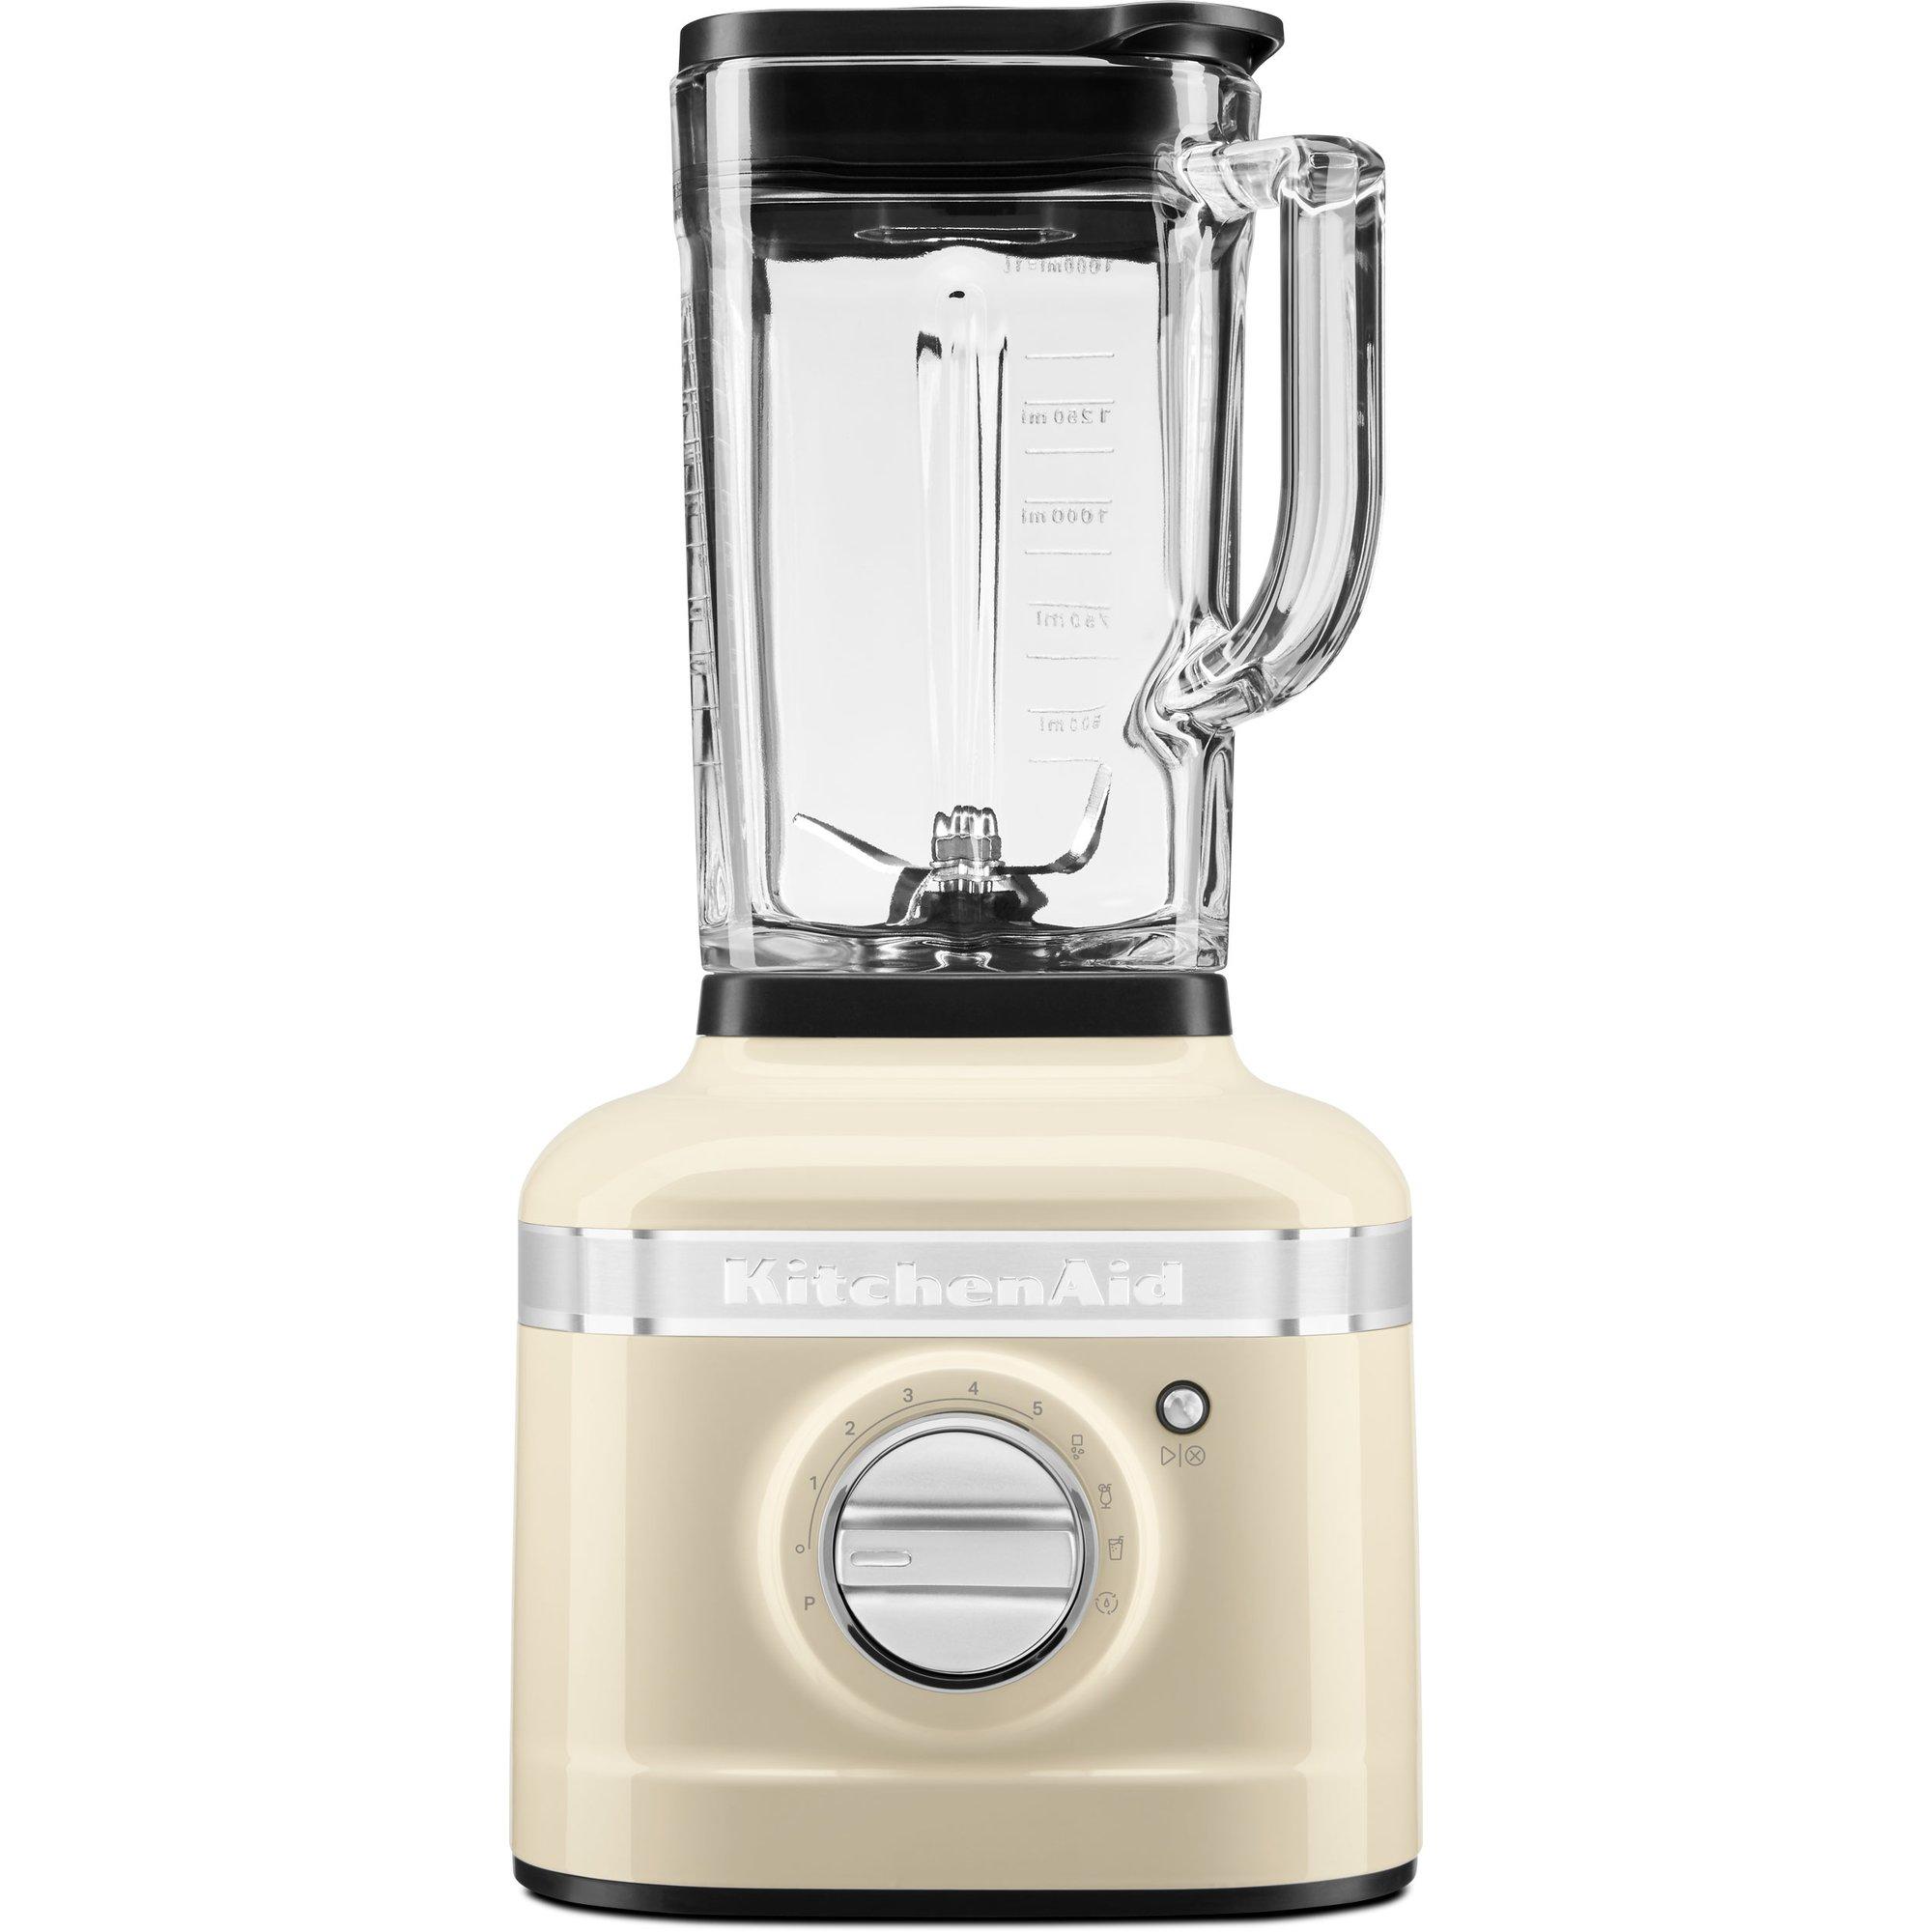 KitchenAid Artisan K400 Blender kremhvit